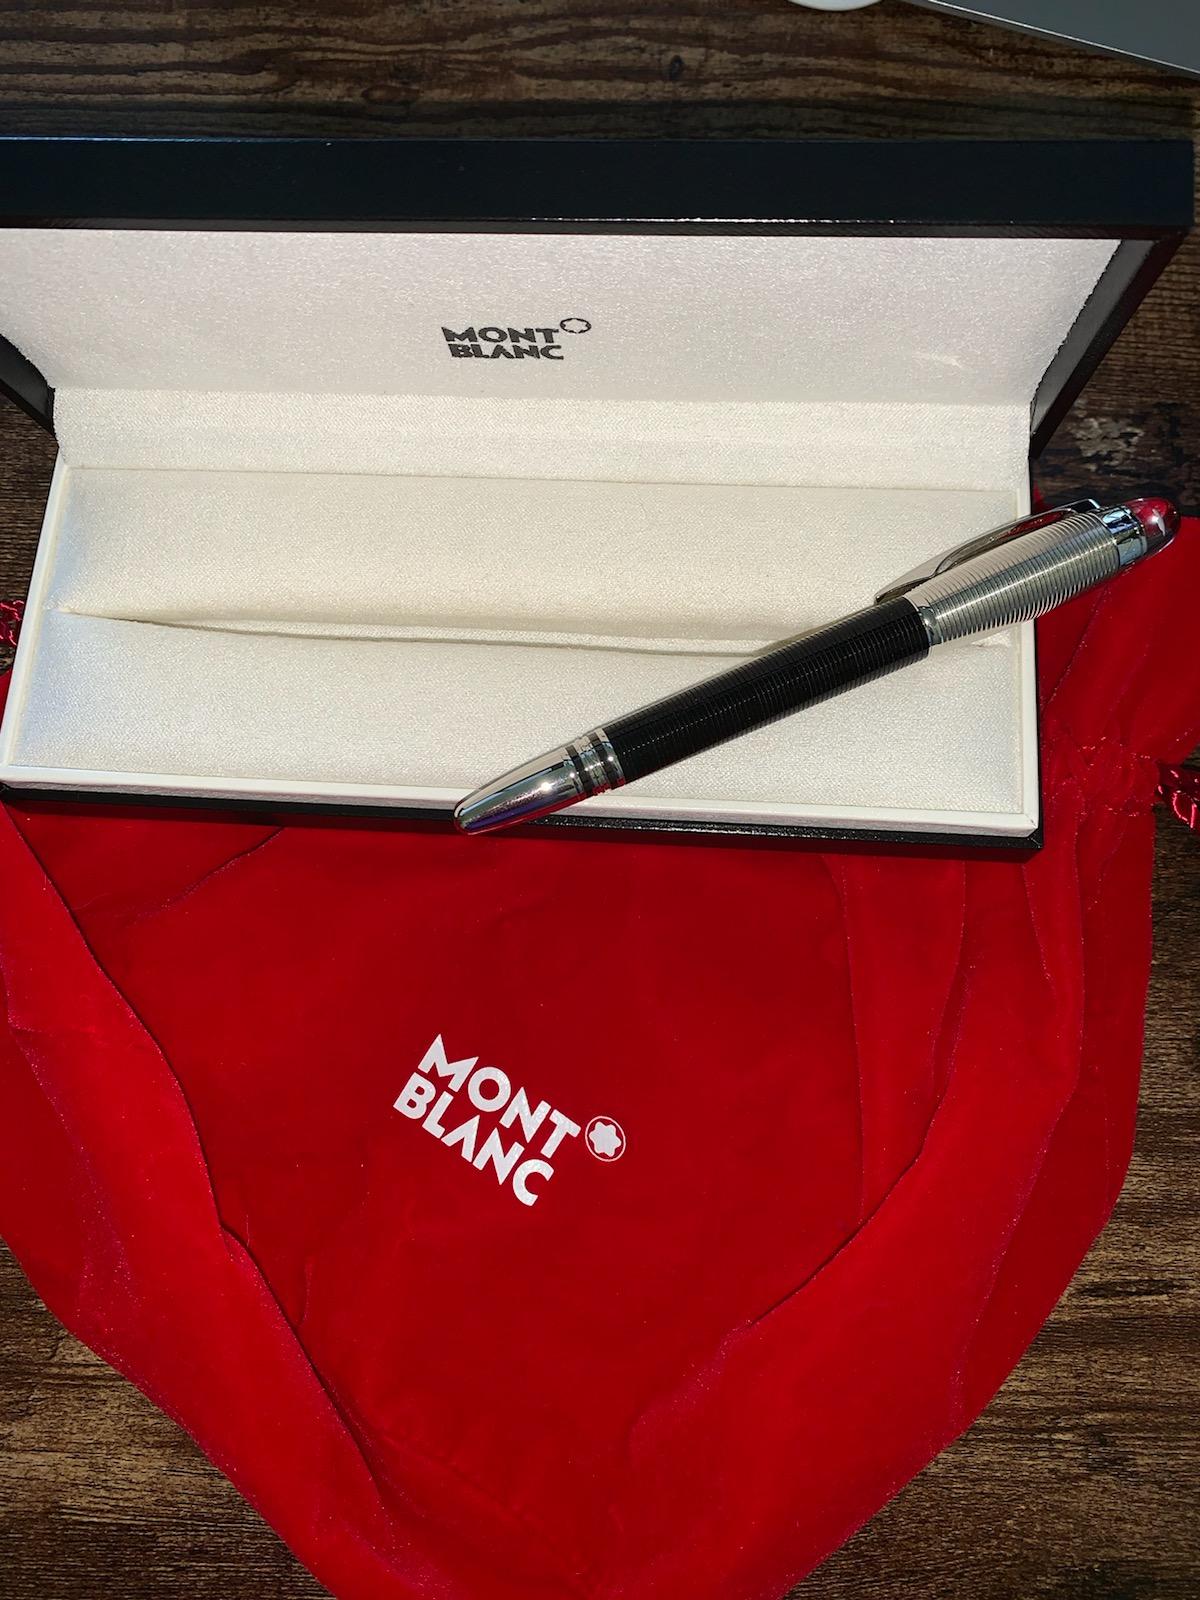 Pens and Pencils: : Mont Blanc: Starwalker Doué 38011